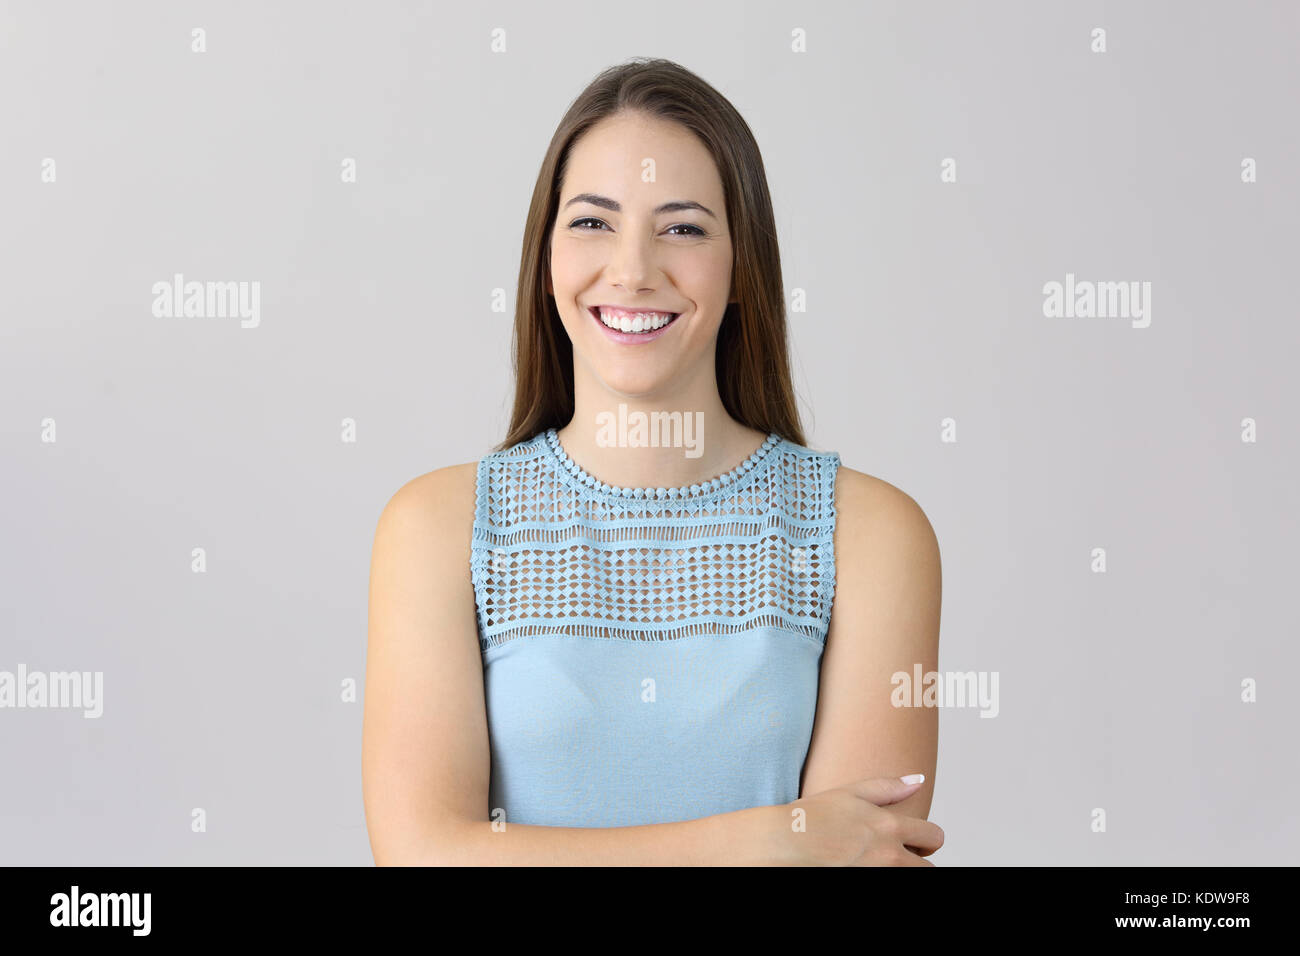 Vordere Porträt einer Frau falten Arme zu Ihnen schauen auf grauem Hintergrund Stockbild